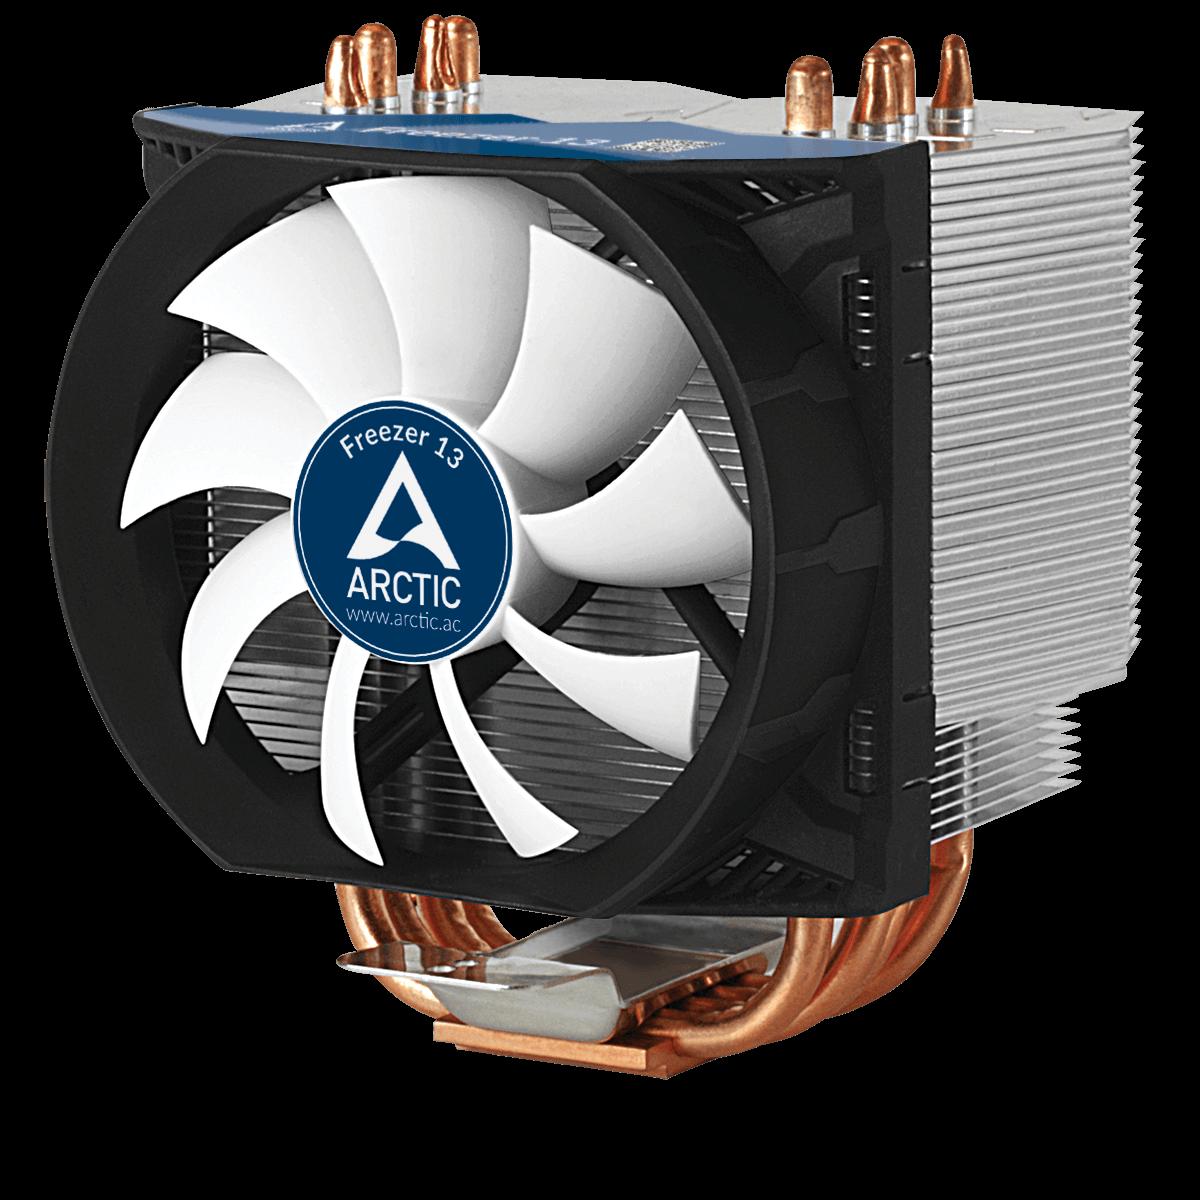 CPU-Kühler für AMD/Intel CPU ARCTIC Freezer 13